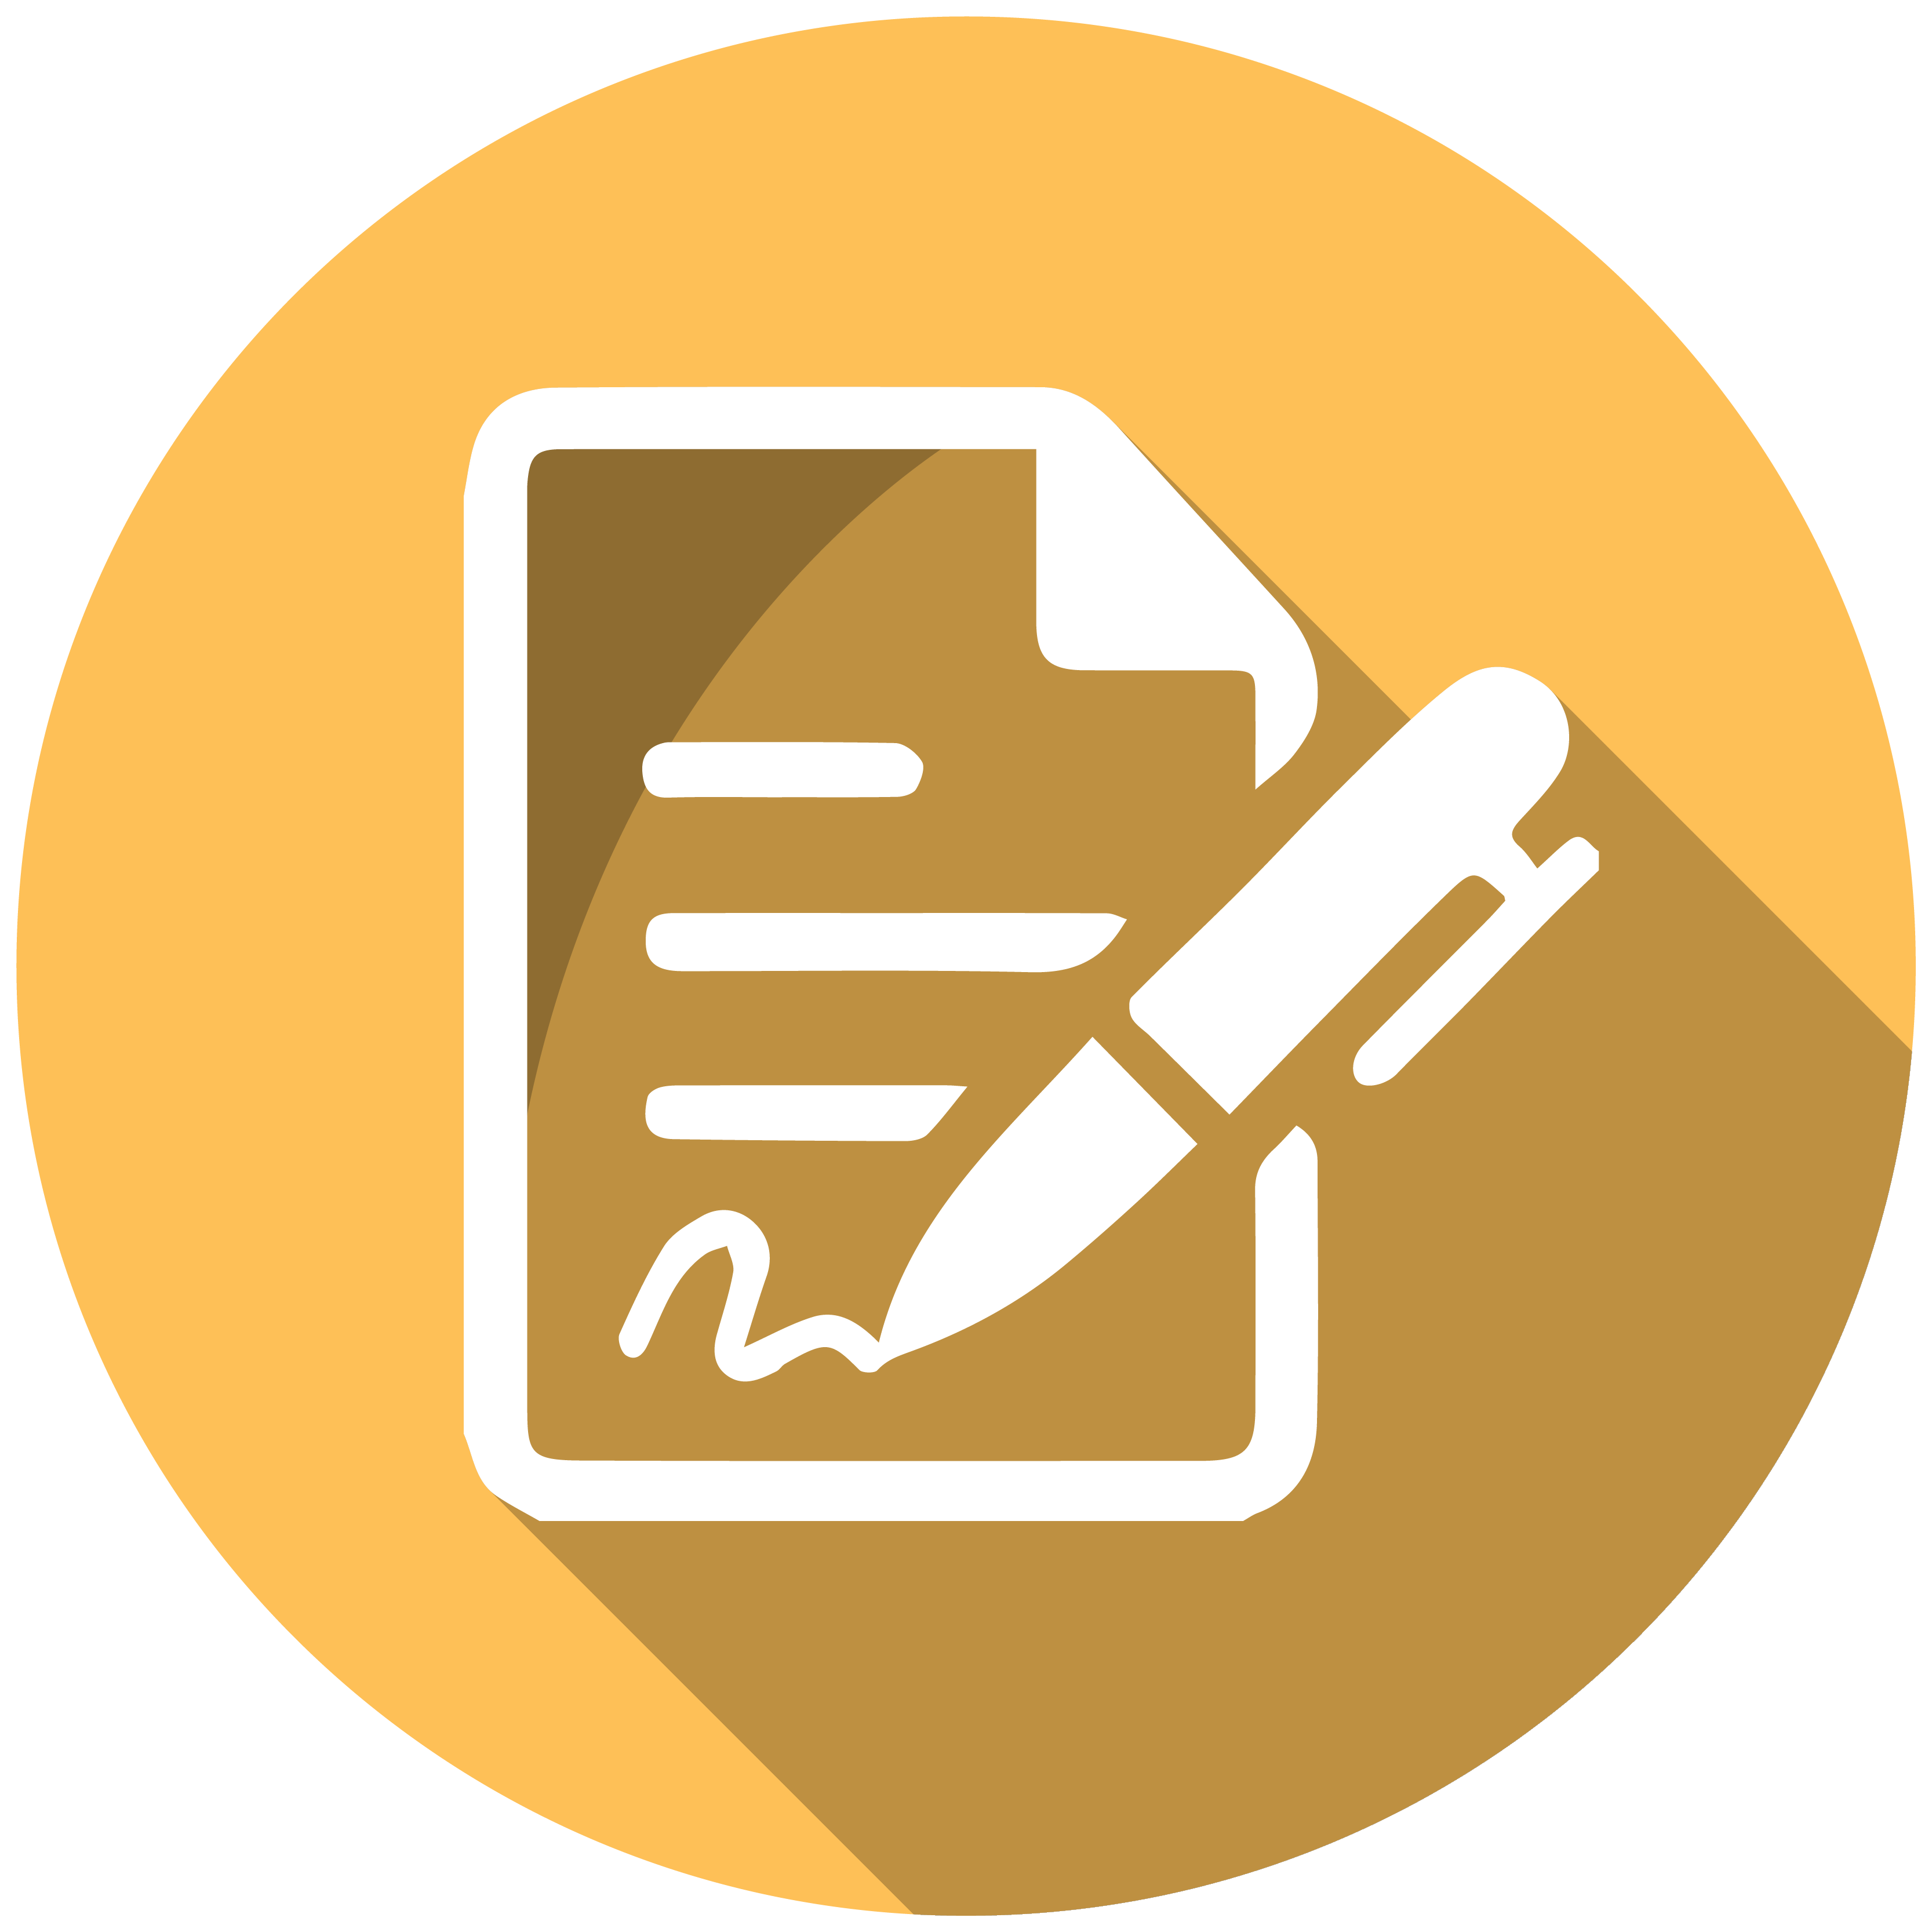 دریافت فایل مبانی نظری بررسی تاثیر فرایندهای مدیریت دانش بر یادگیری الکترونیکی - پرداخت و دانلود آنی